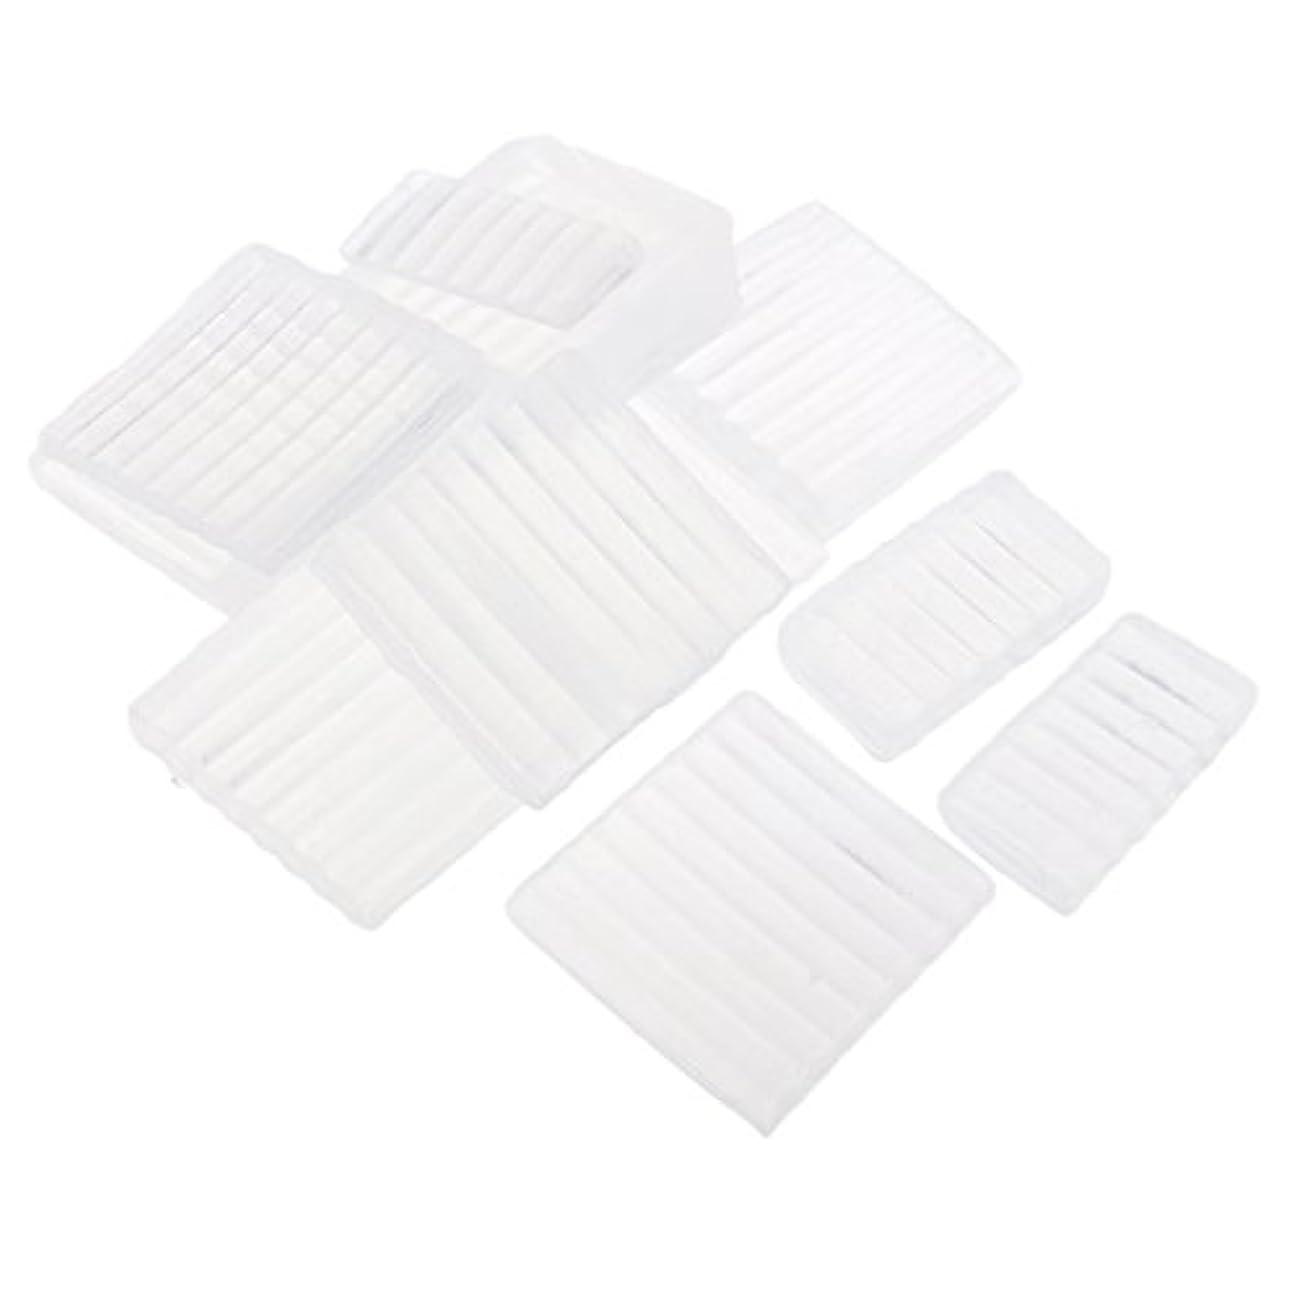 経済的アライアンスアルファベットFenteer ホワイト 透明 石鹸ベース DIY 手作り 石鹸 材料 約500g